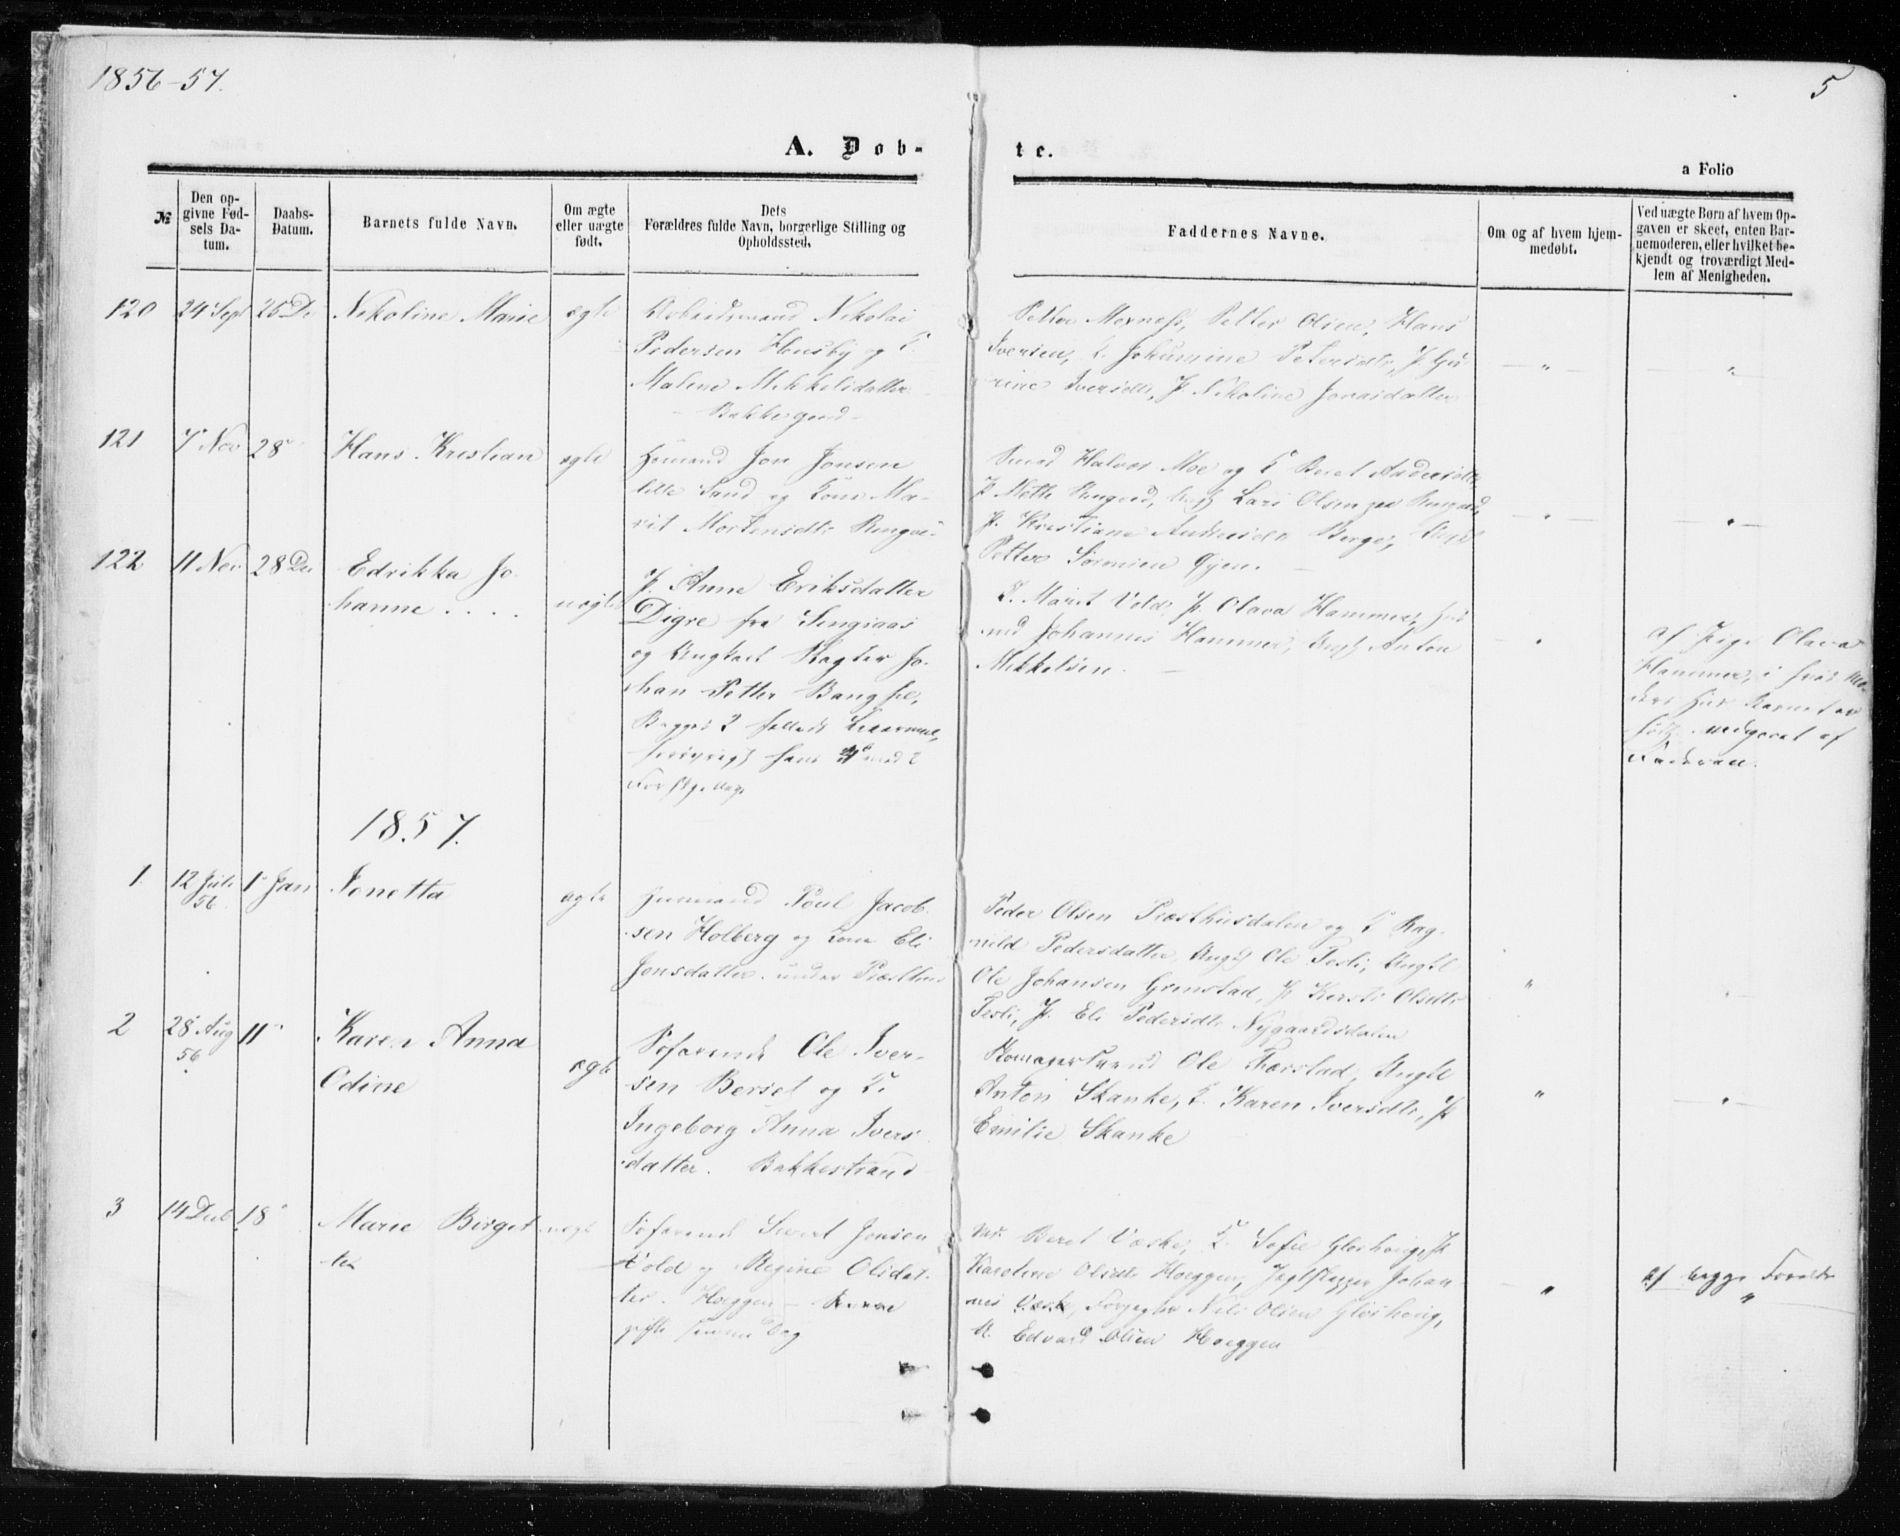 SAT, Ministerialprotokoller, klokkerbøker og fødselsregistre - Sør-Trøndelag, 606/L0292: Ministerialbok nr. 606A07, 1856-1865, s. 5